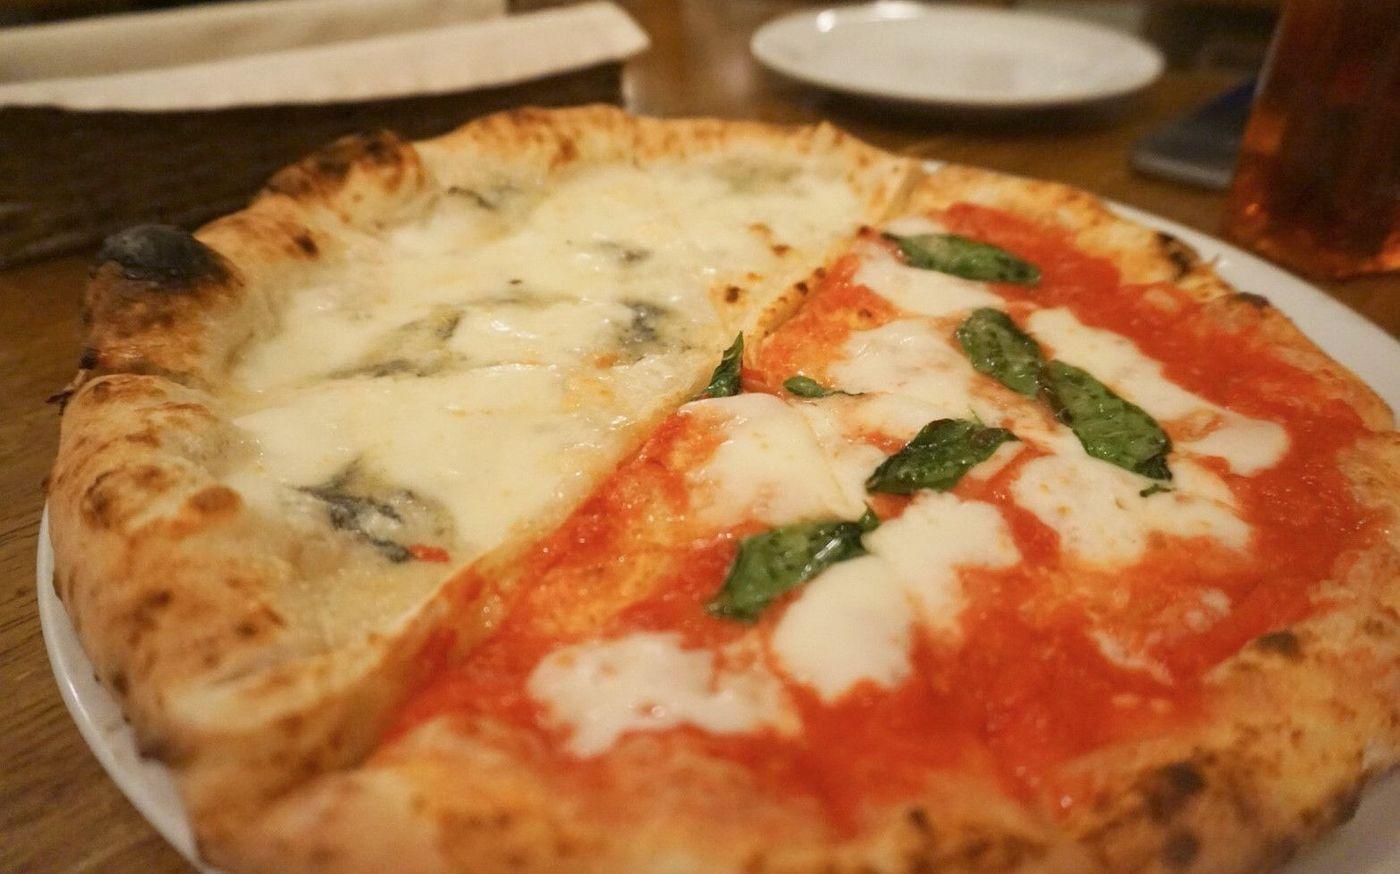 広尾でピザが食べたい!本格的なイタリアンを味わえるお店4選♡の画像